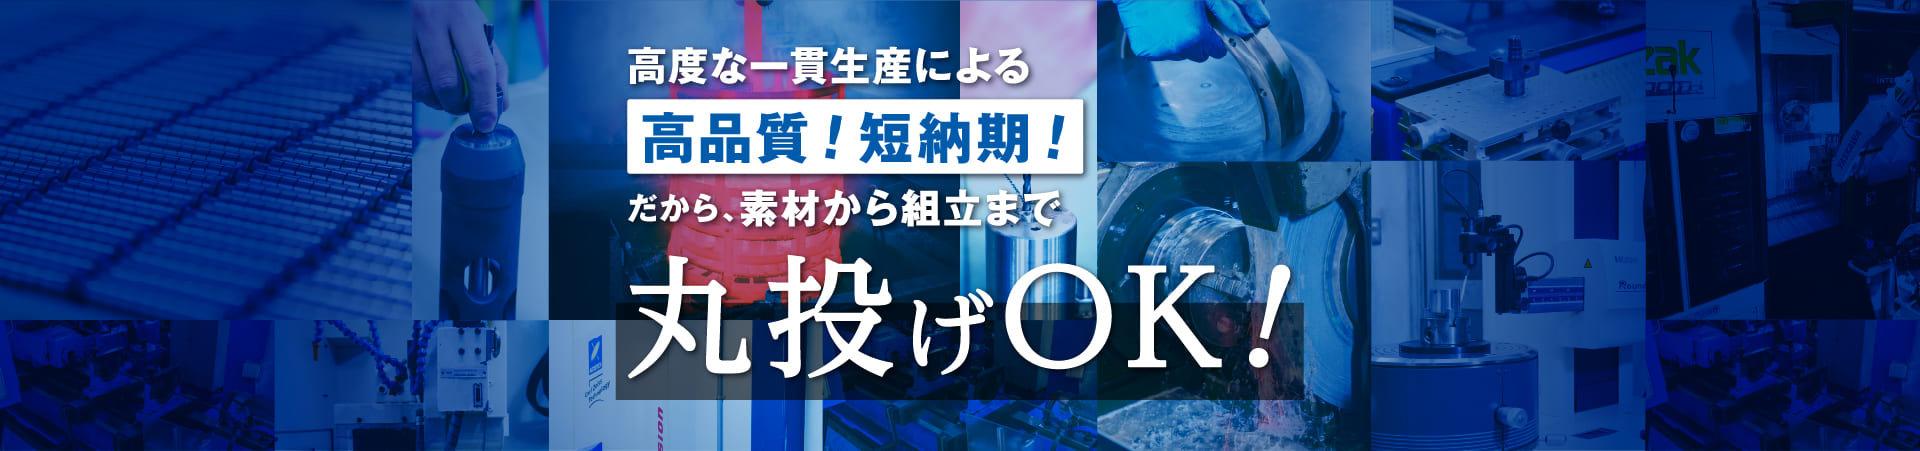 下層トップビジュアルT_001.jpg